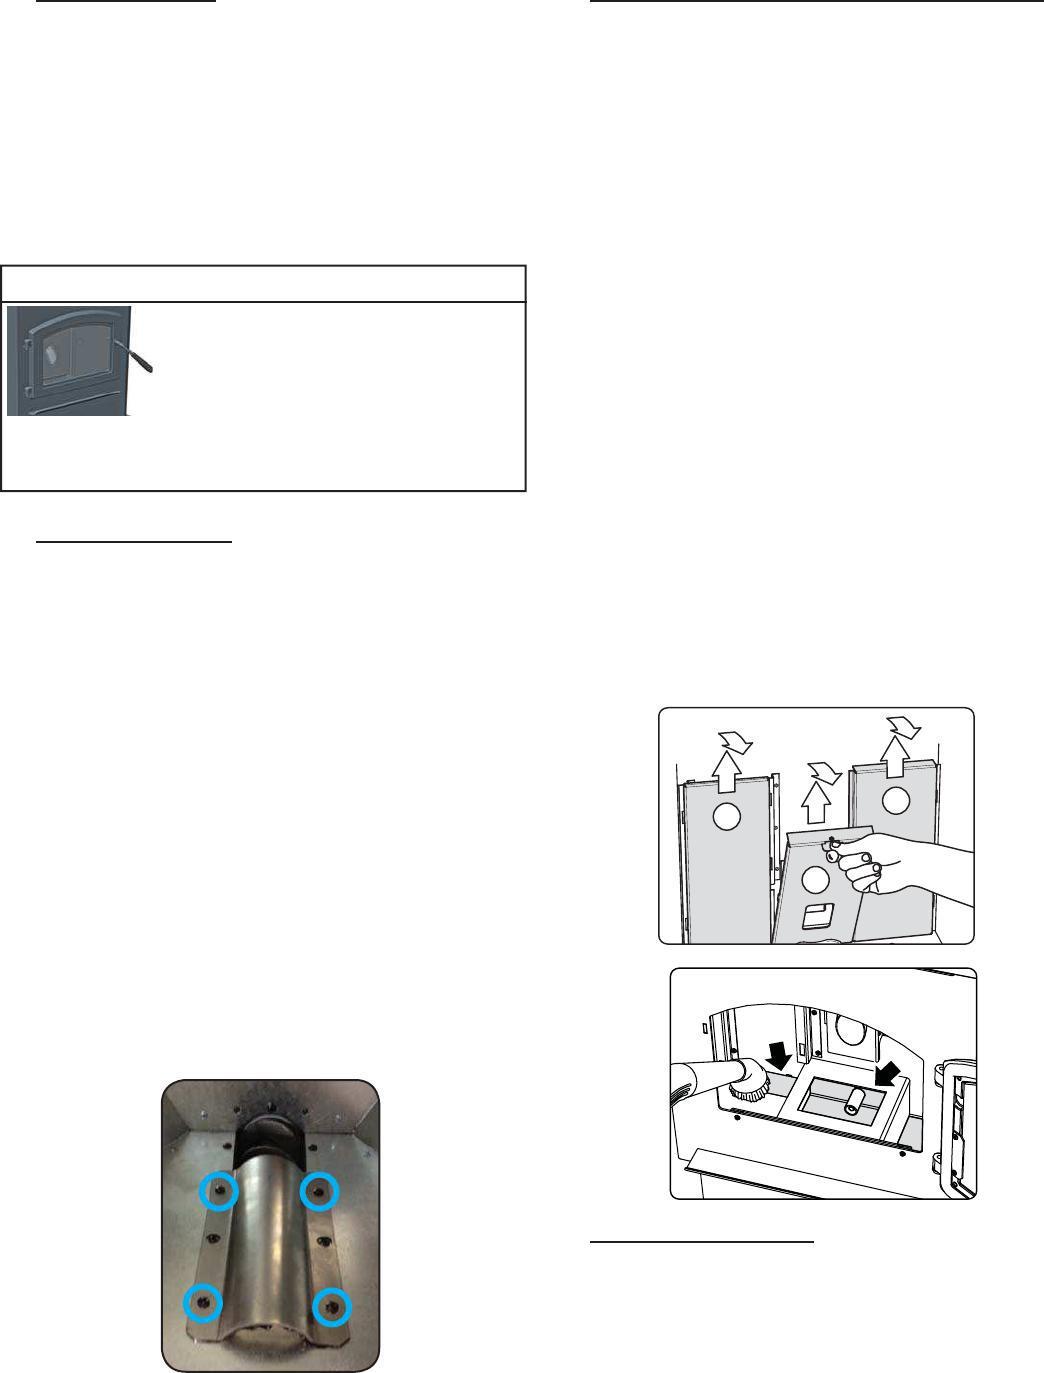 Rocket Stove Schematics Data Schema Diagram Extraordinary Pellet Wiring Diagrams Images Best Indoor